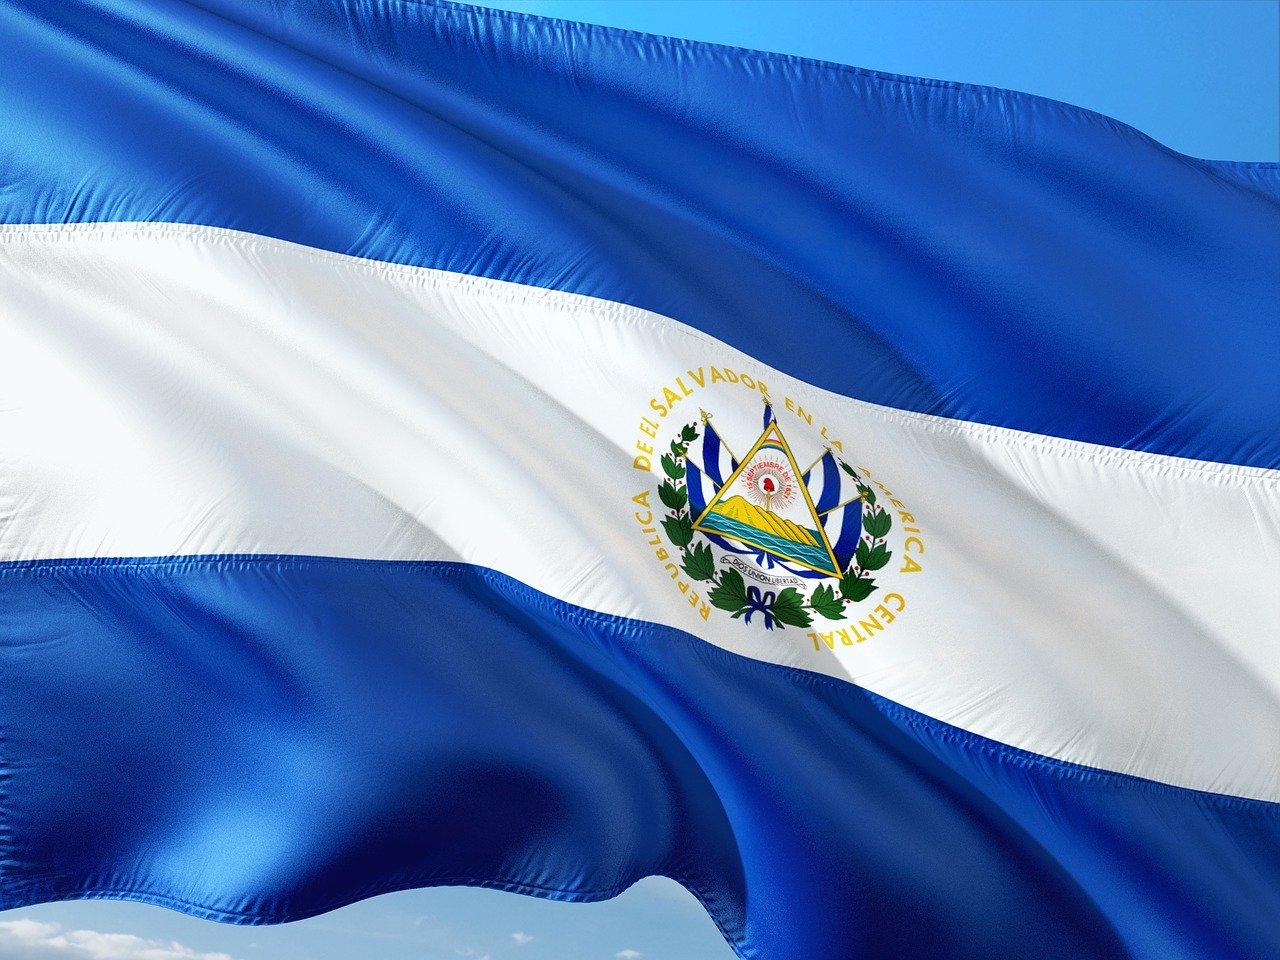 La economía de El Salvador es 'efervescente' por las pymes: Eduardo Cader